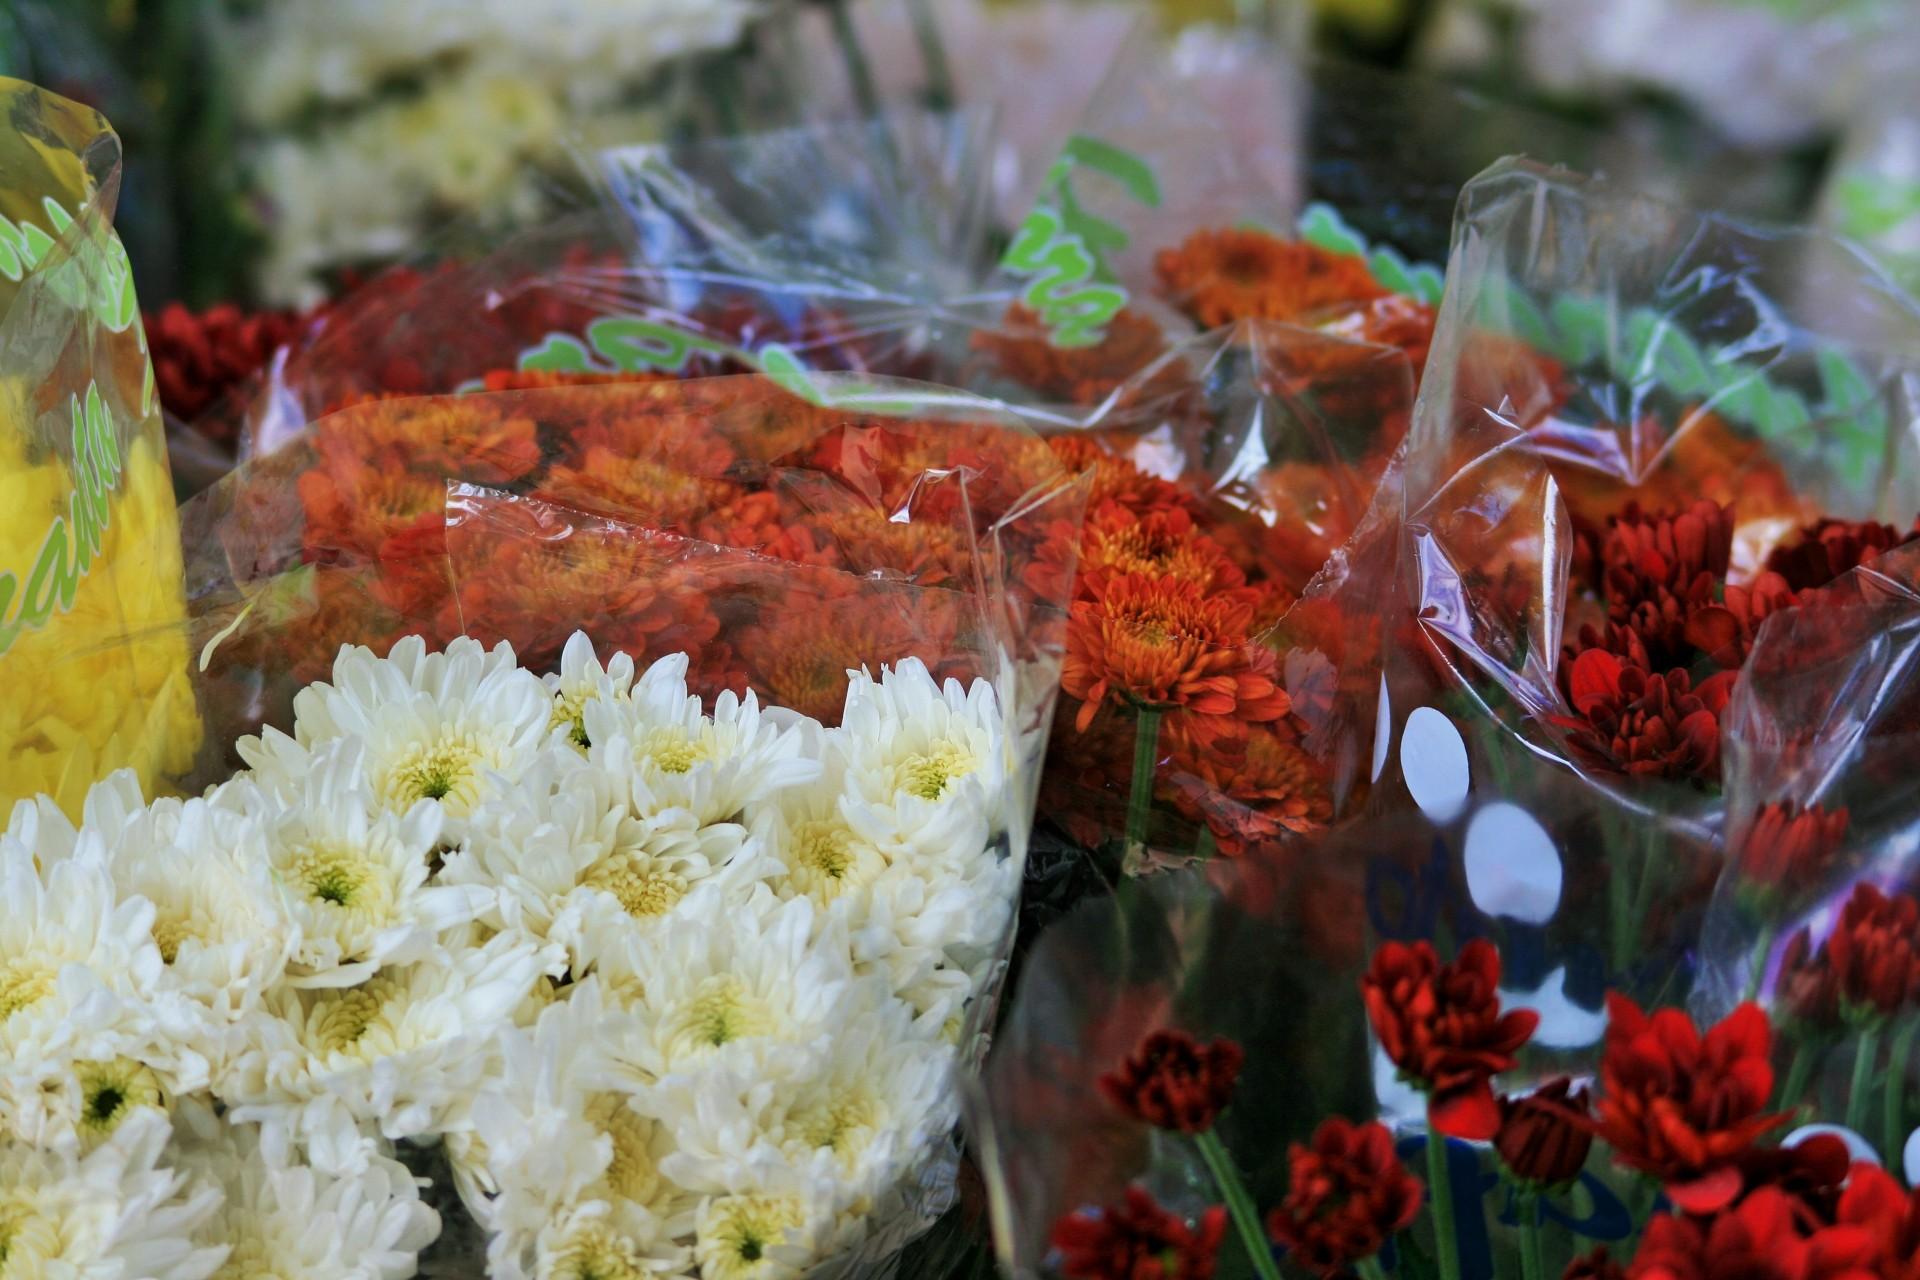 Les artisans fleuristes évoquent une concurrence déloyale des marchands ambulants